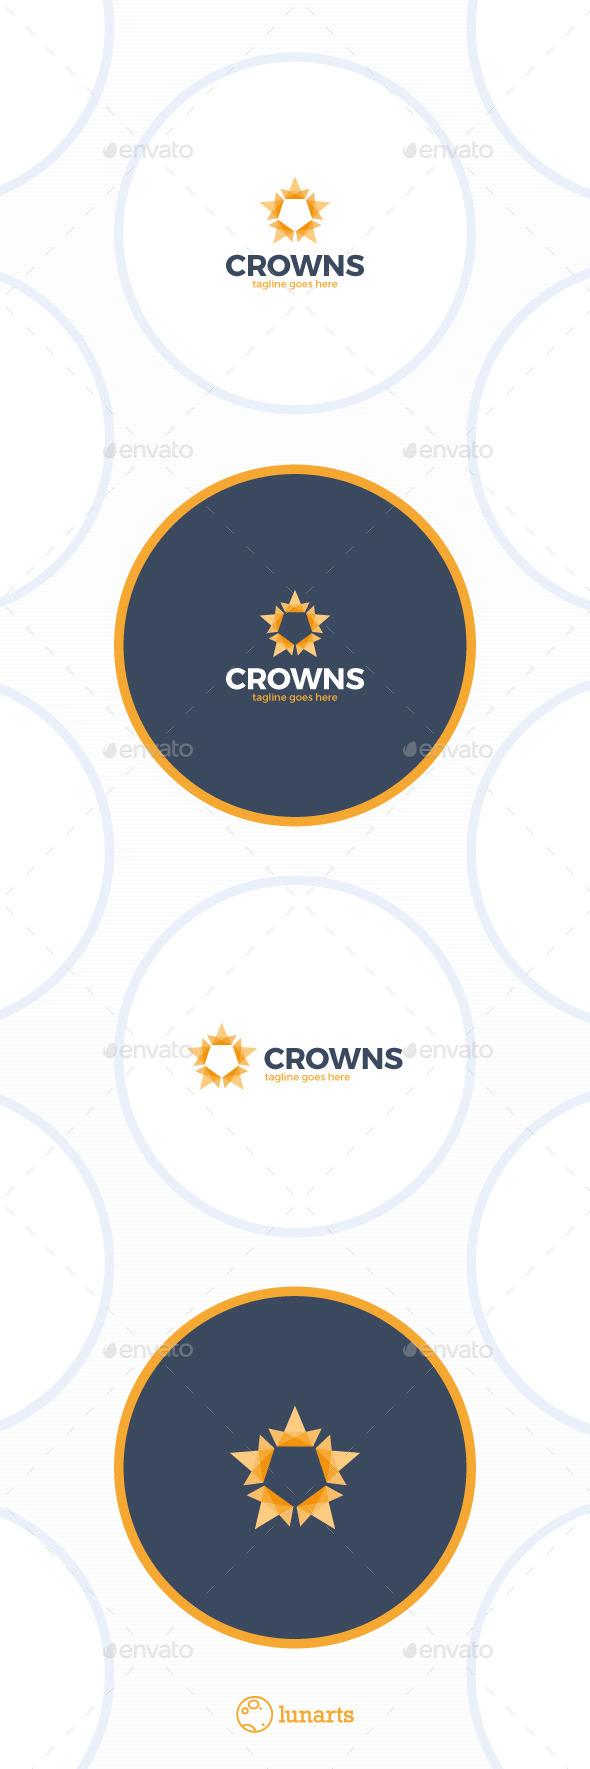 Crown Star Hex Logo